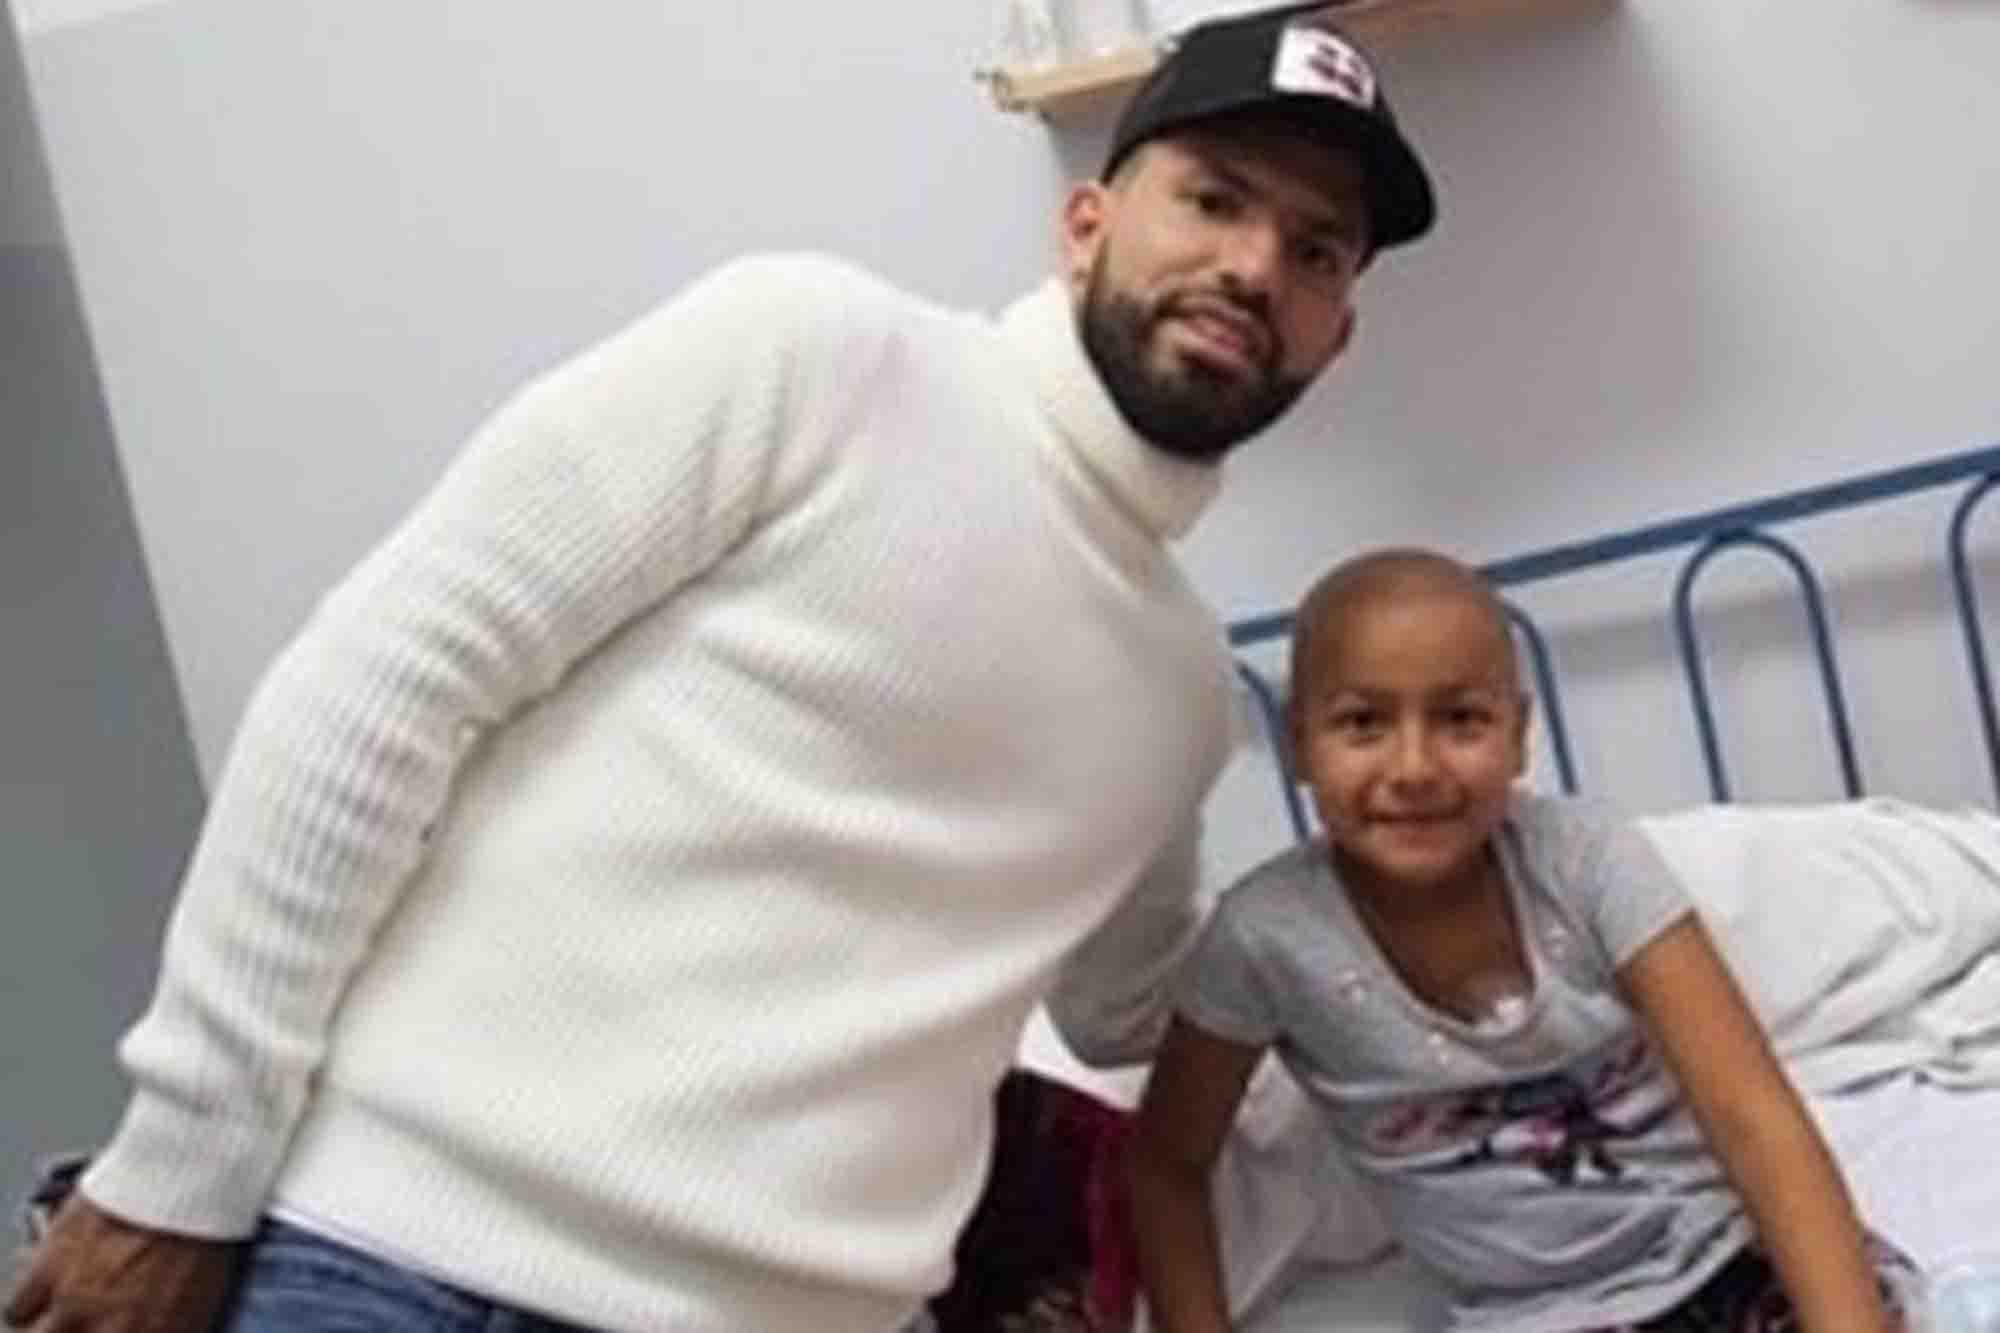 La visita sorpresa de los jugadores de la selección de fútbol al hospital Ricardo Gutiérrez